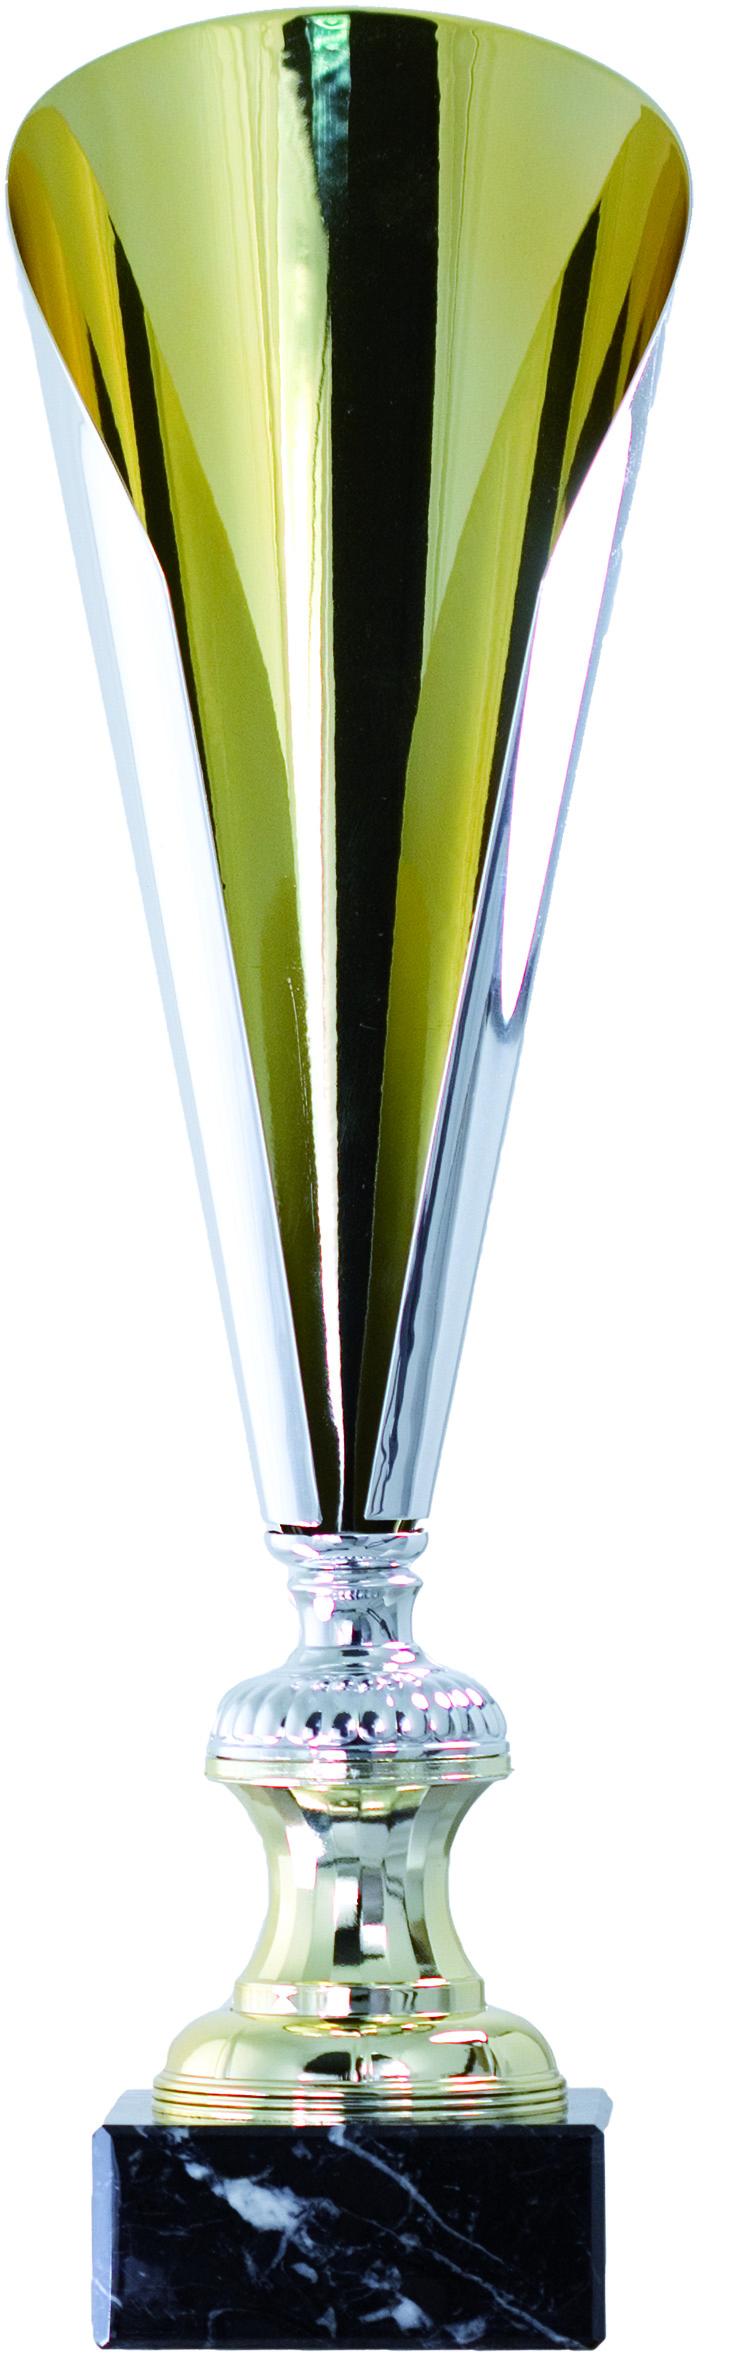 TROFEO TIPO COPA DE EUROPA EN METAL 50 cm